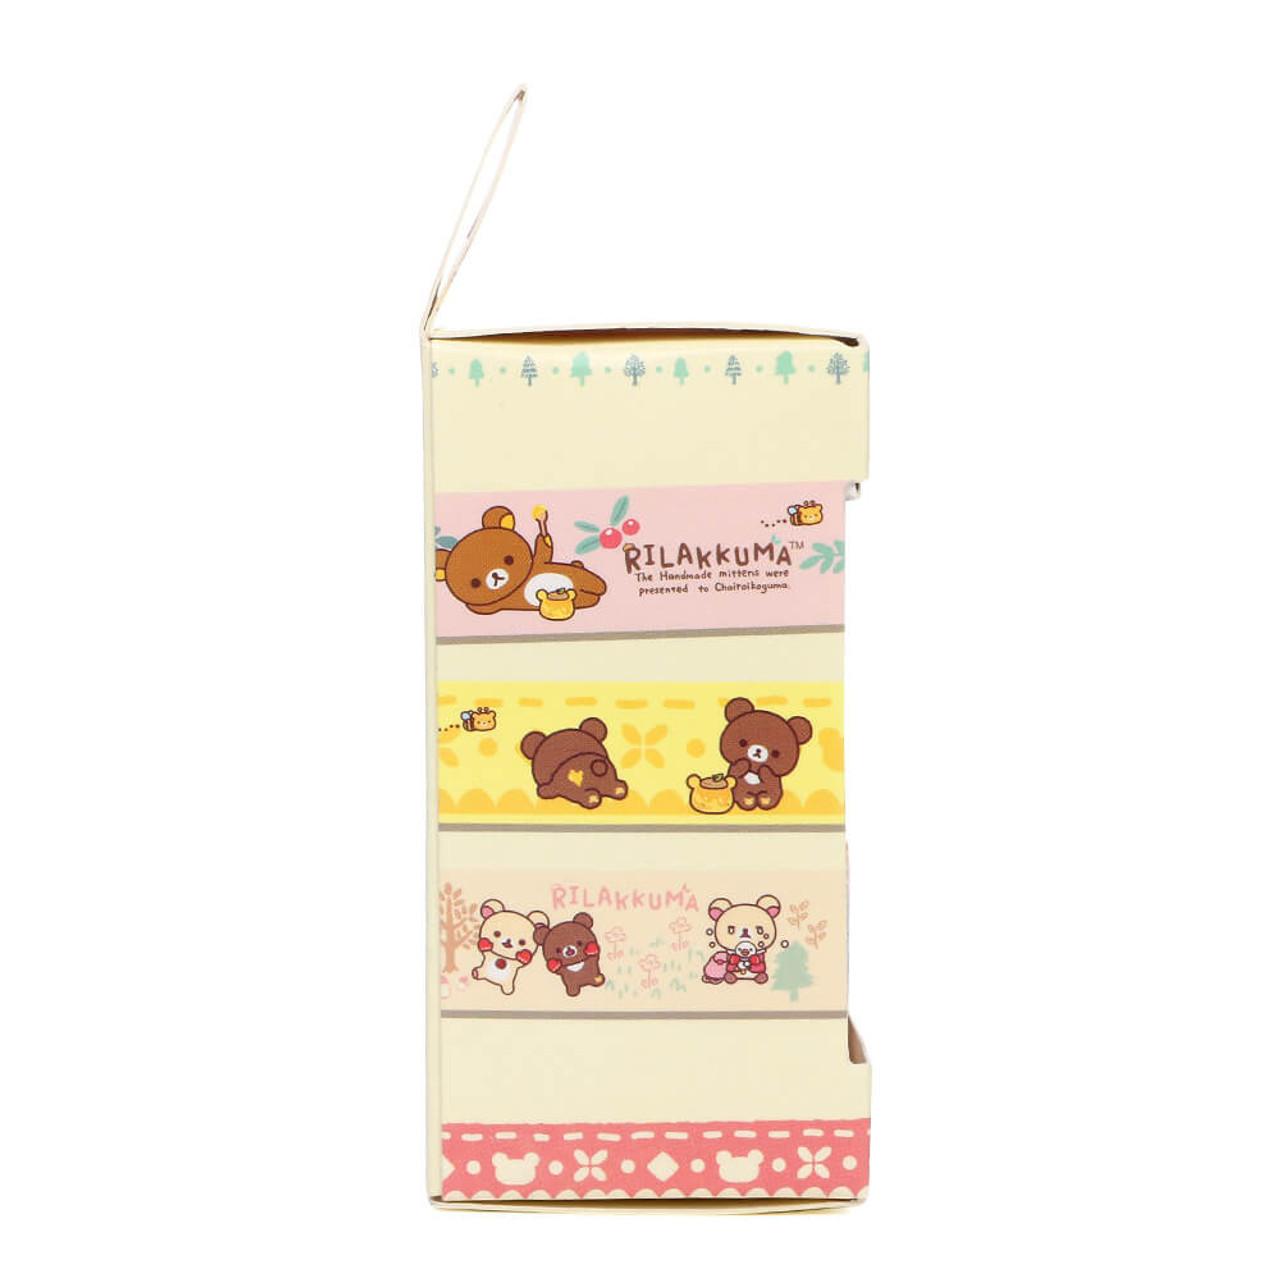 Rilakkuma Handmade Mittens Washi Tape - SE30802 ( Packing 02 )